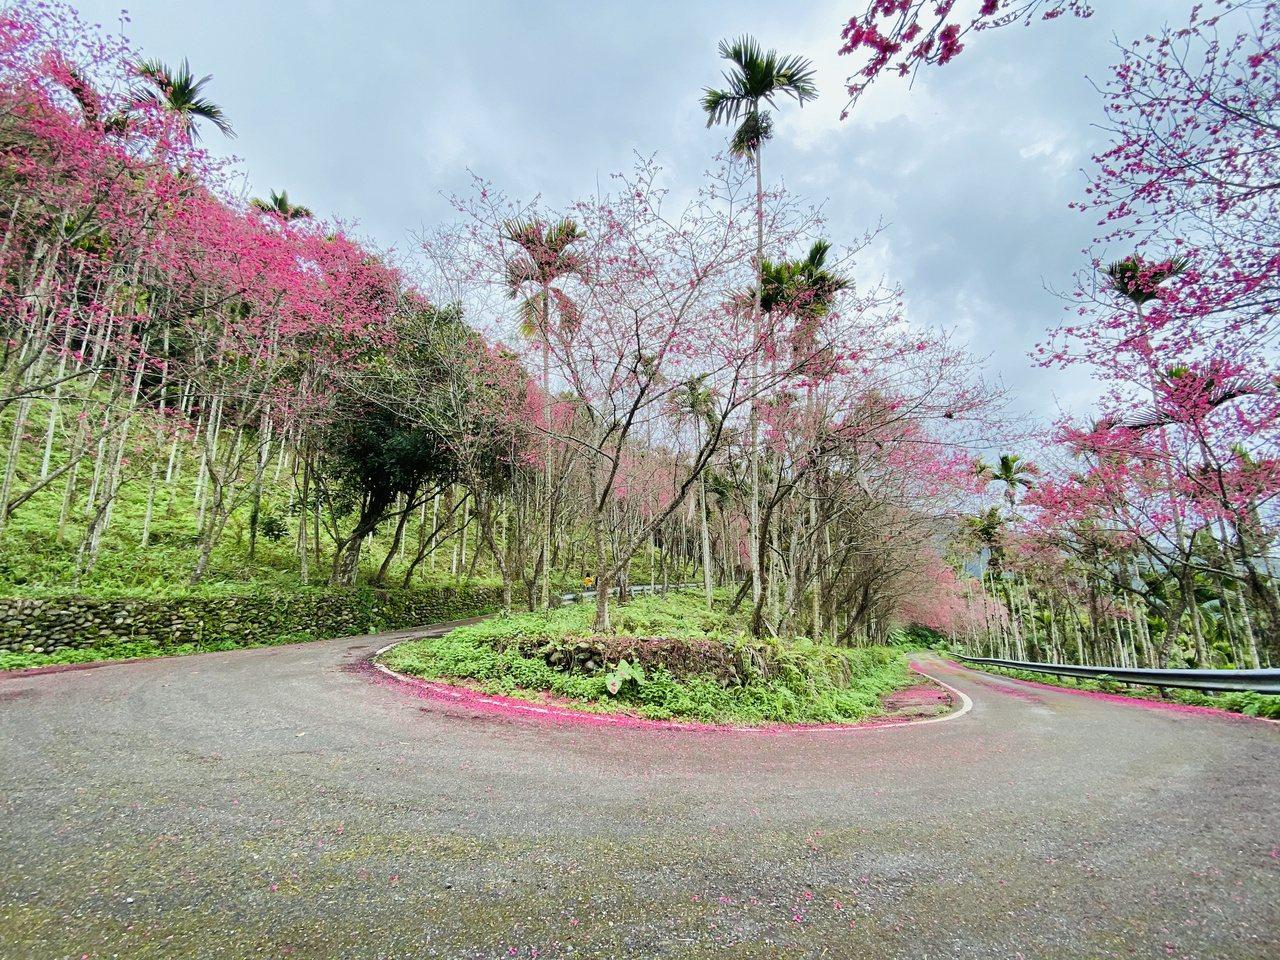 花蓮鳳林山林小徑最高的轉彎處,粉紅櫻花在道路兩旁盛開,視野開闊,可說是整條步道最...